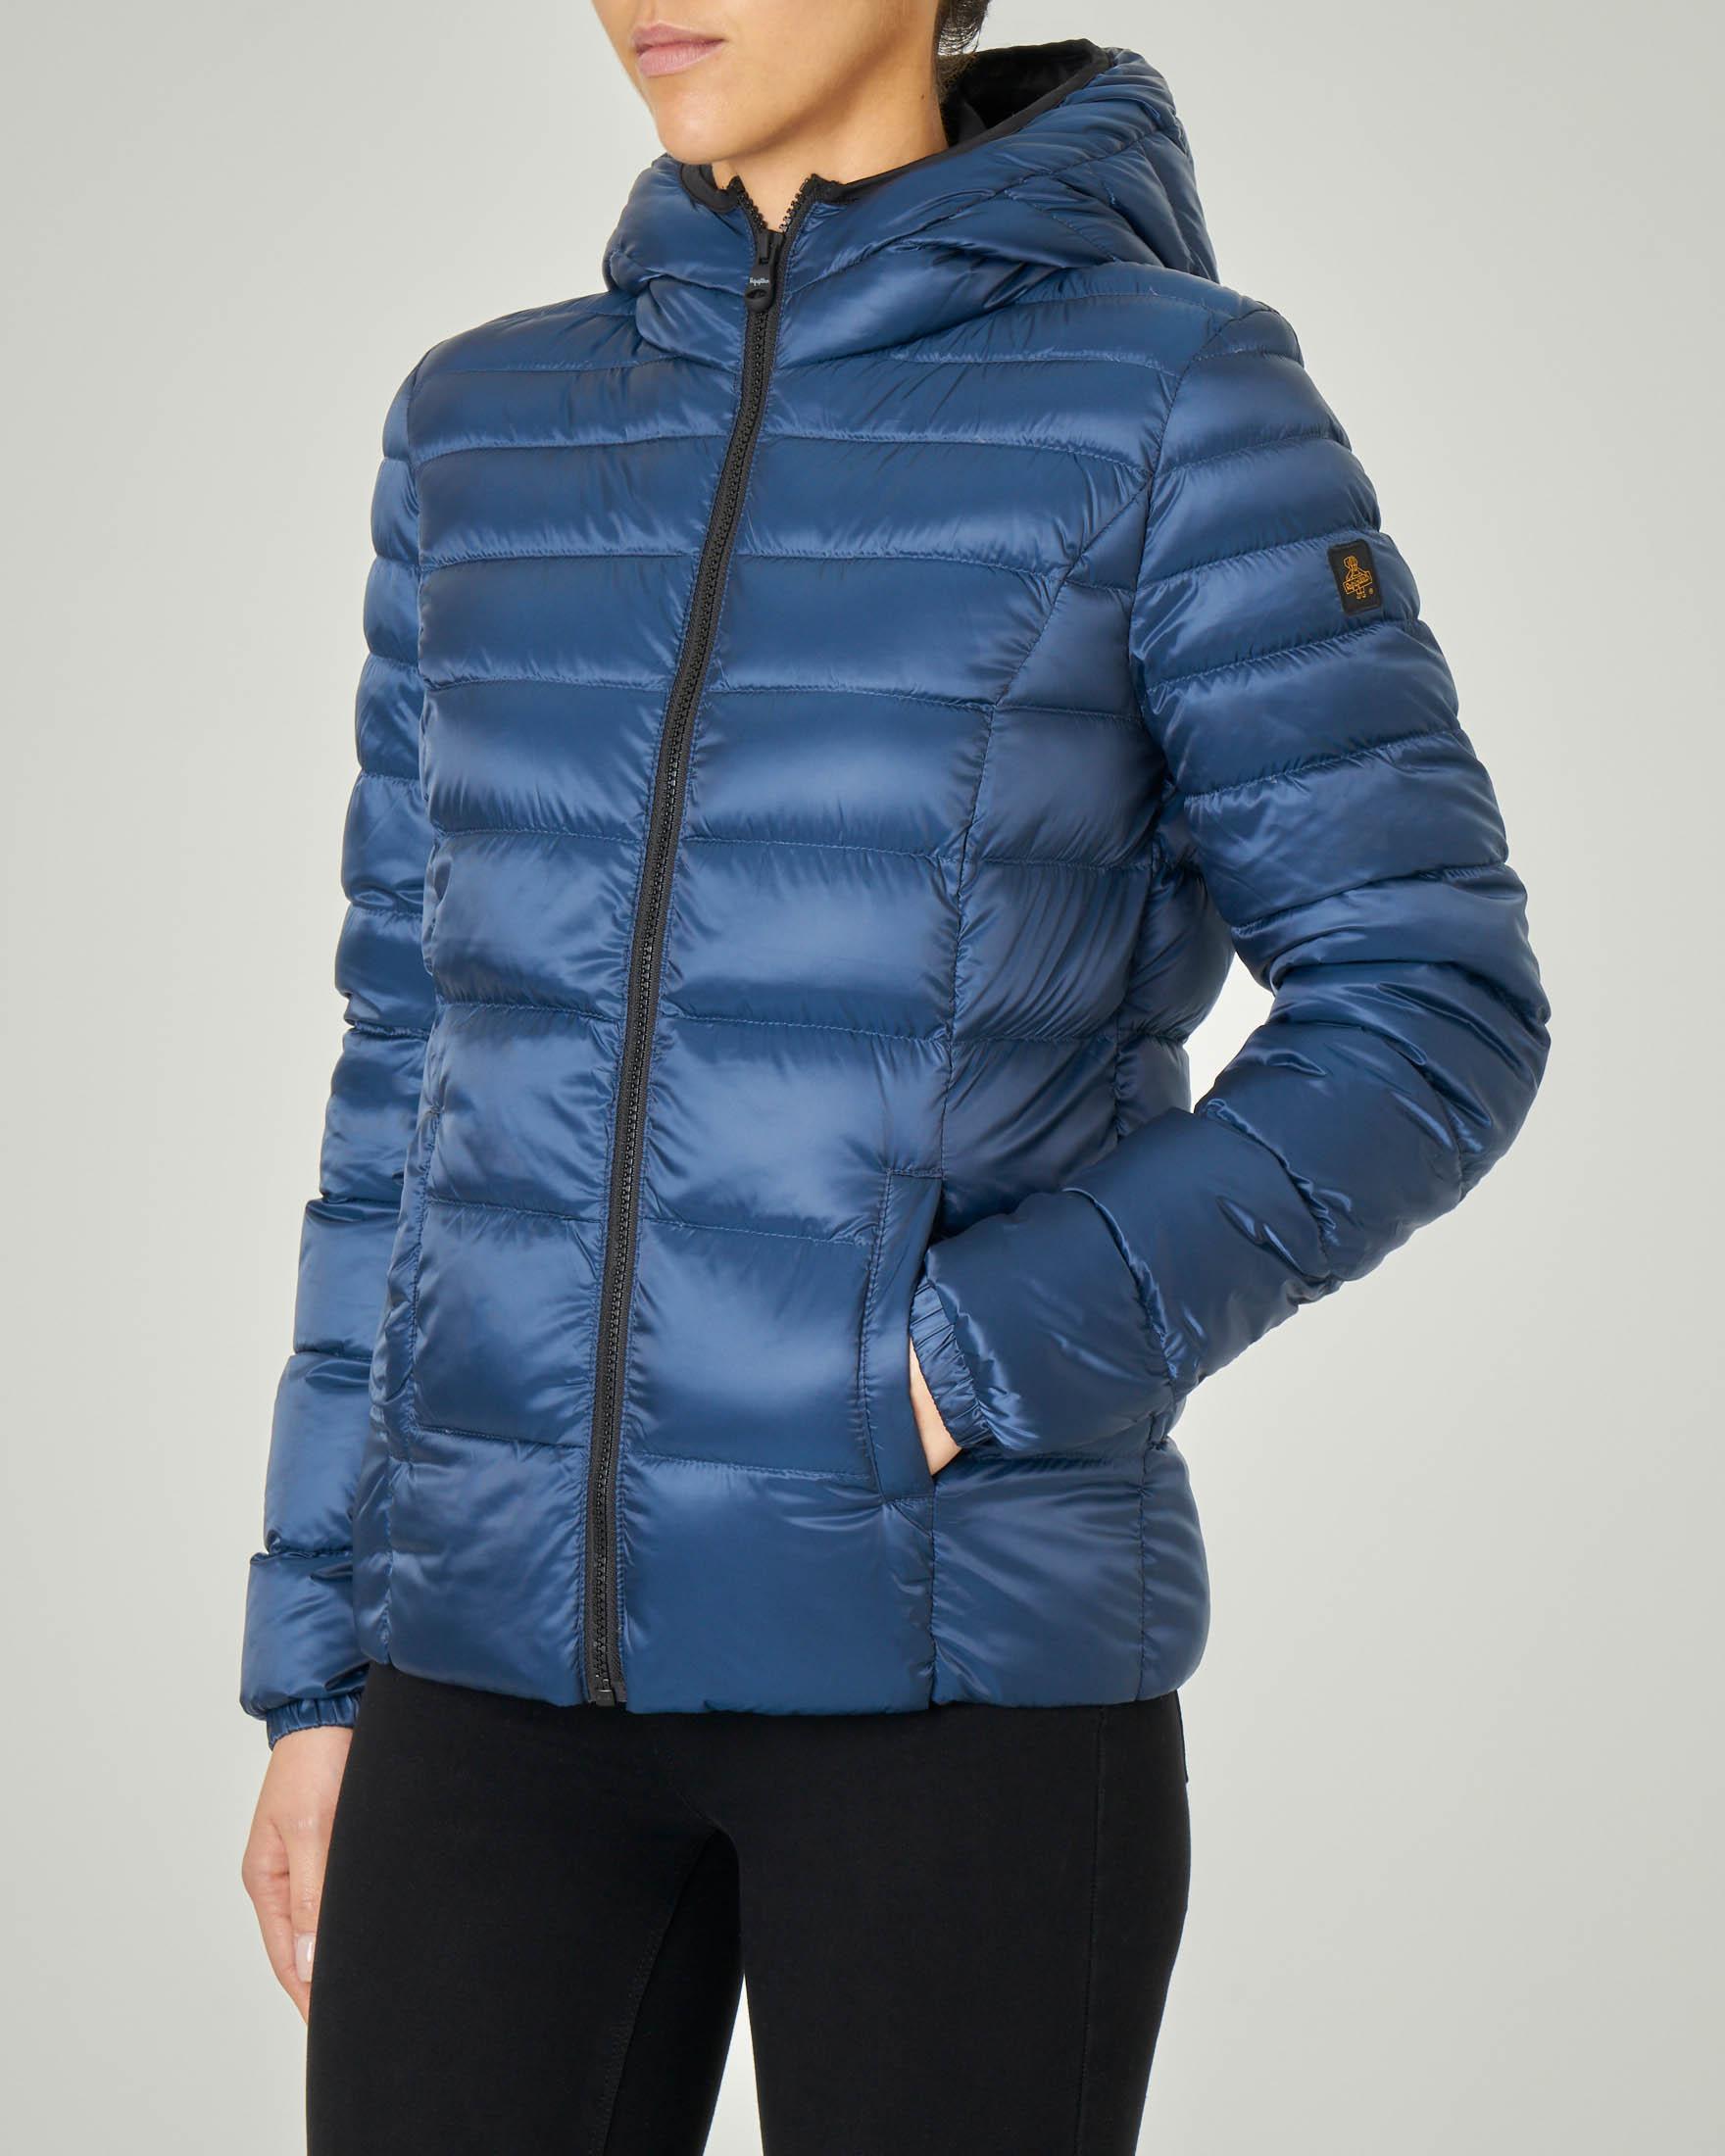 Piumino corto bluette modello Mead Jacket con cappuccio fisso e dettagli a contrasto